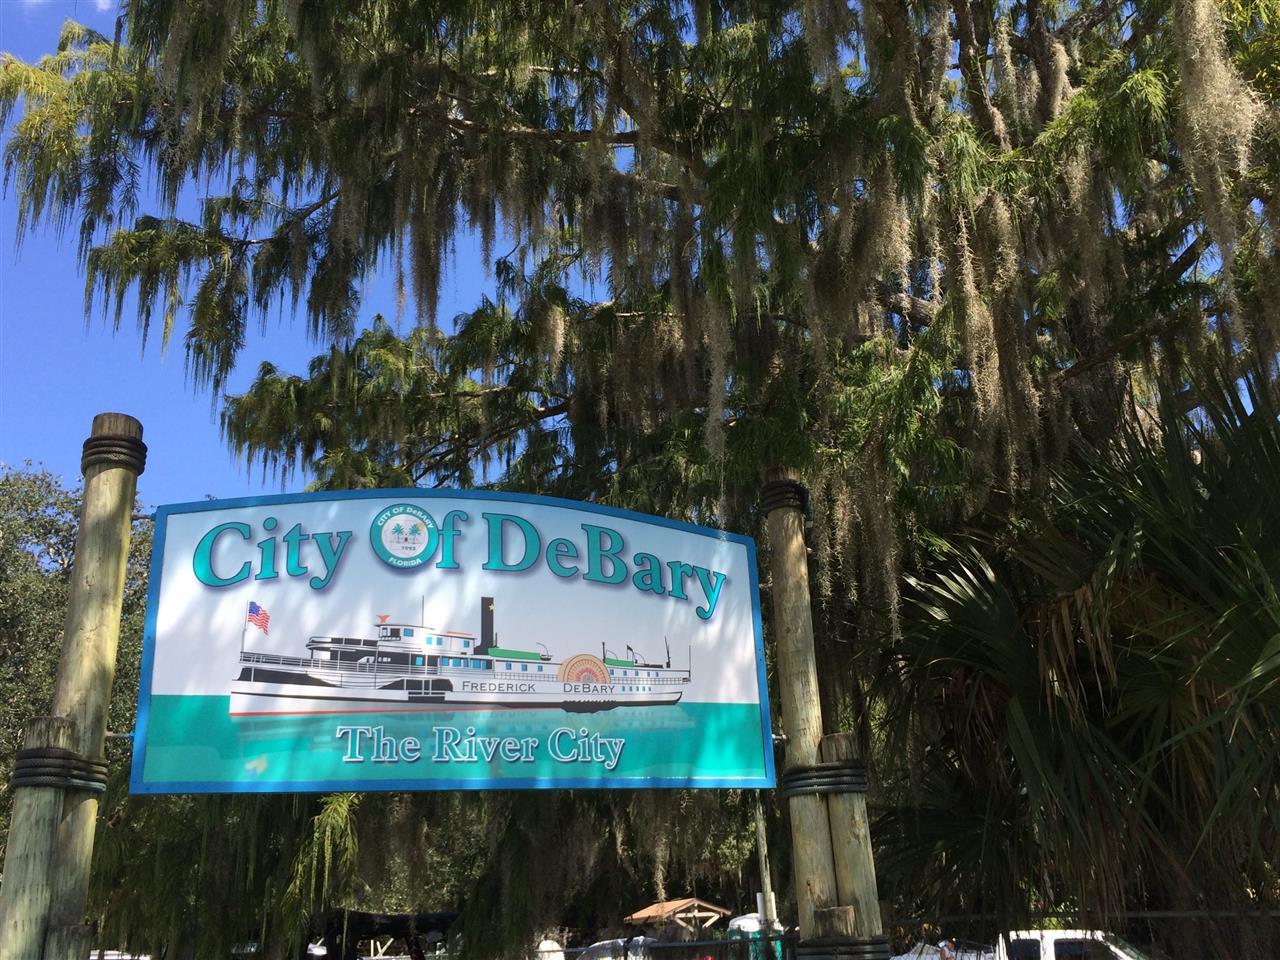 St. Johns river - Debary, Florida